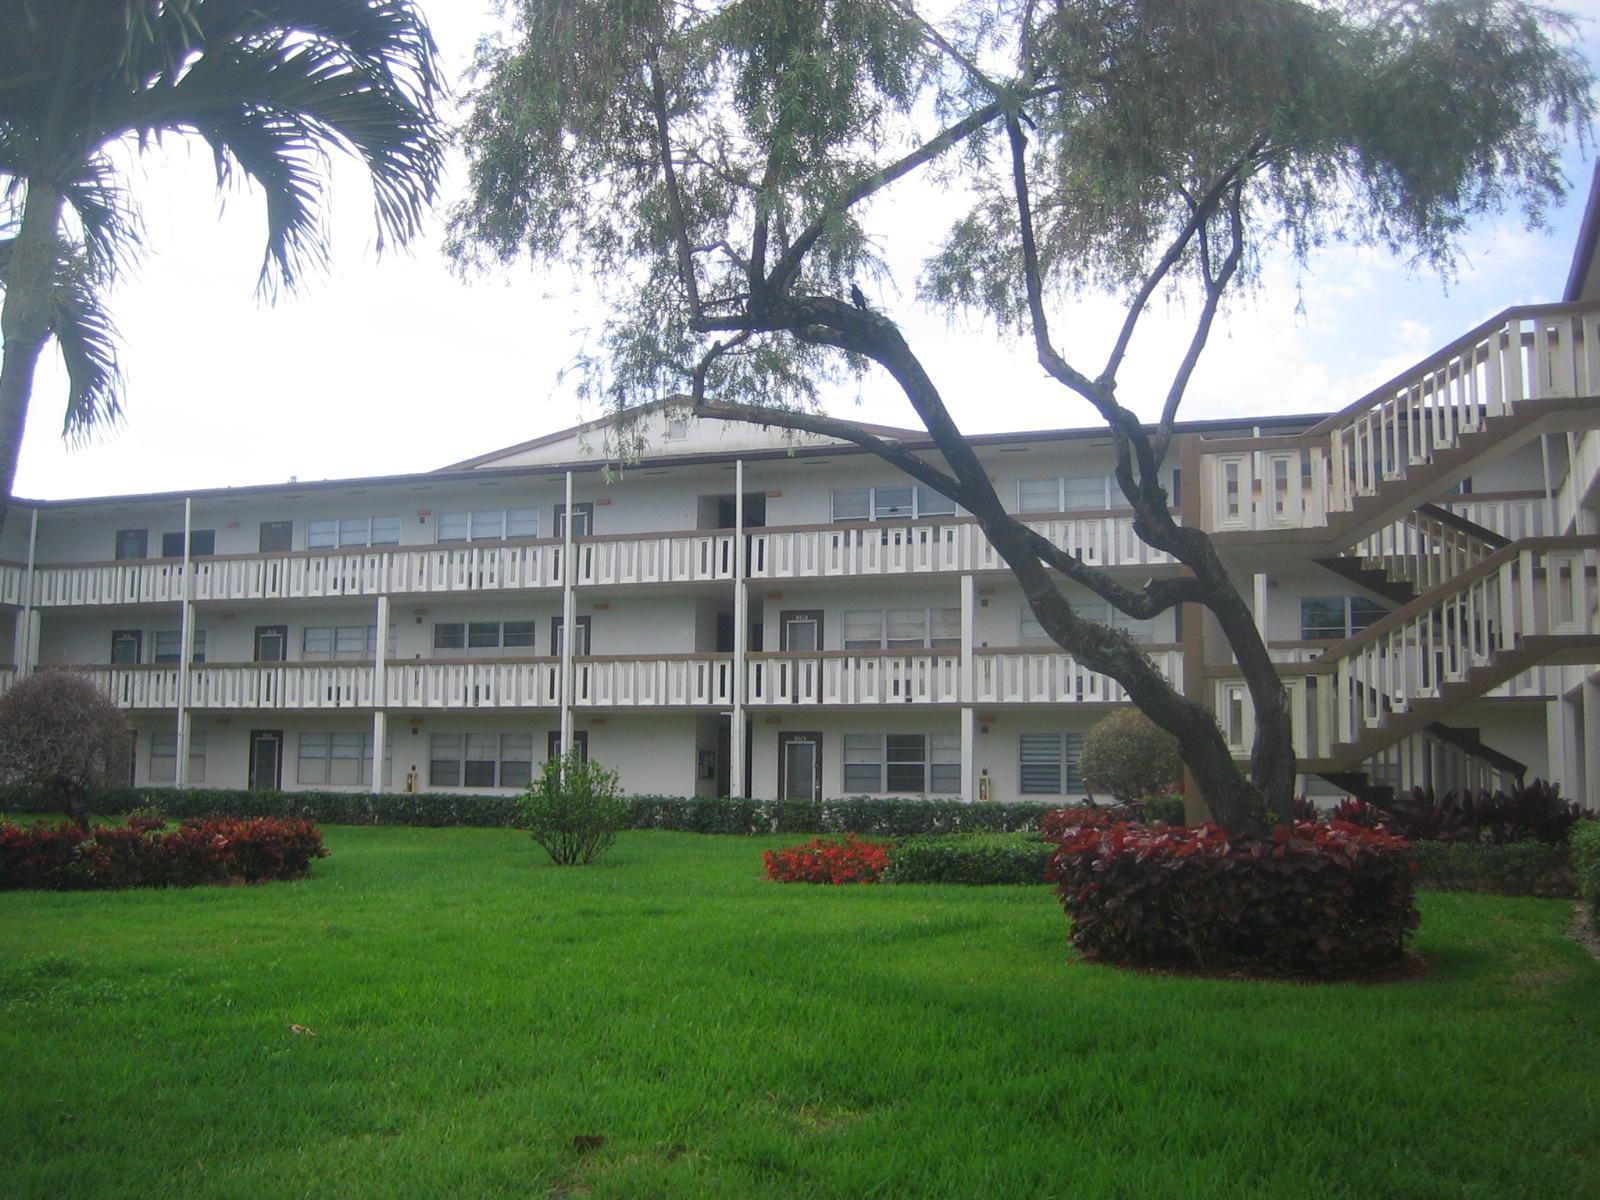 176 E Mansfield E, Boca Raton, FL 33434 - MLS#: RX-10710248